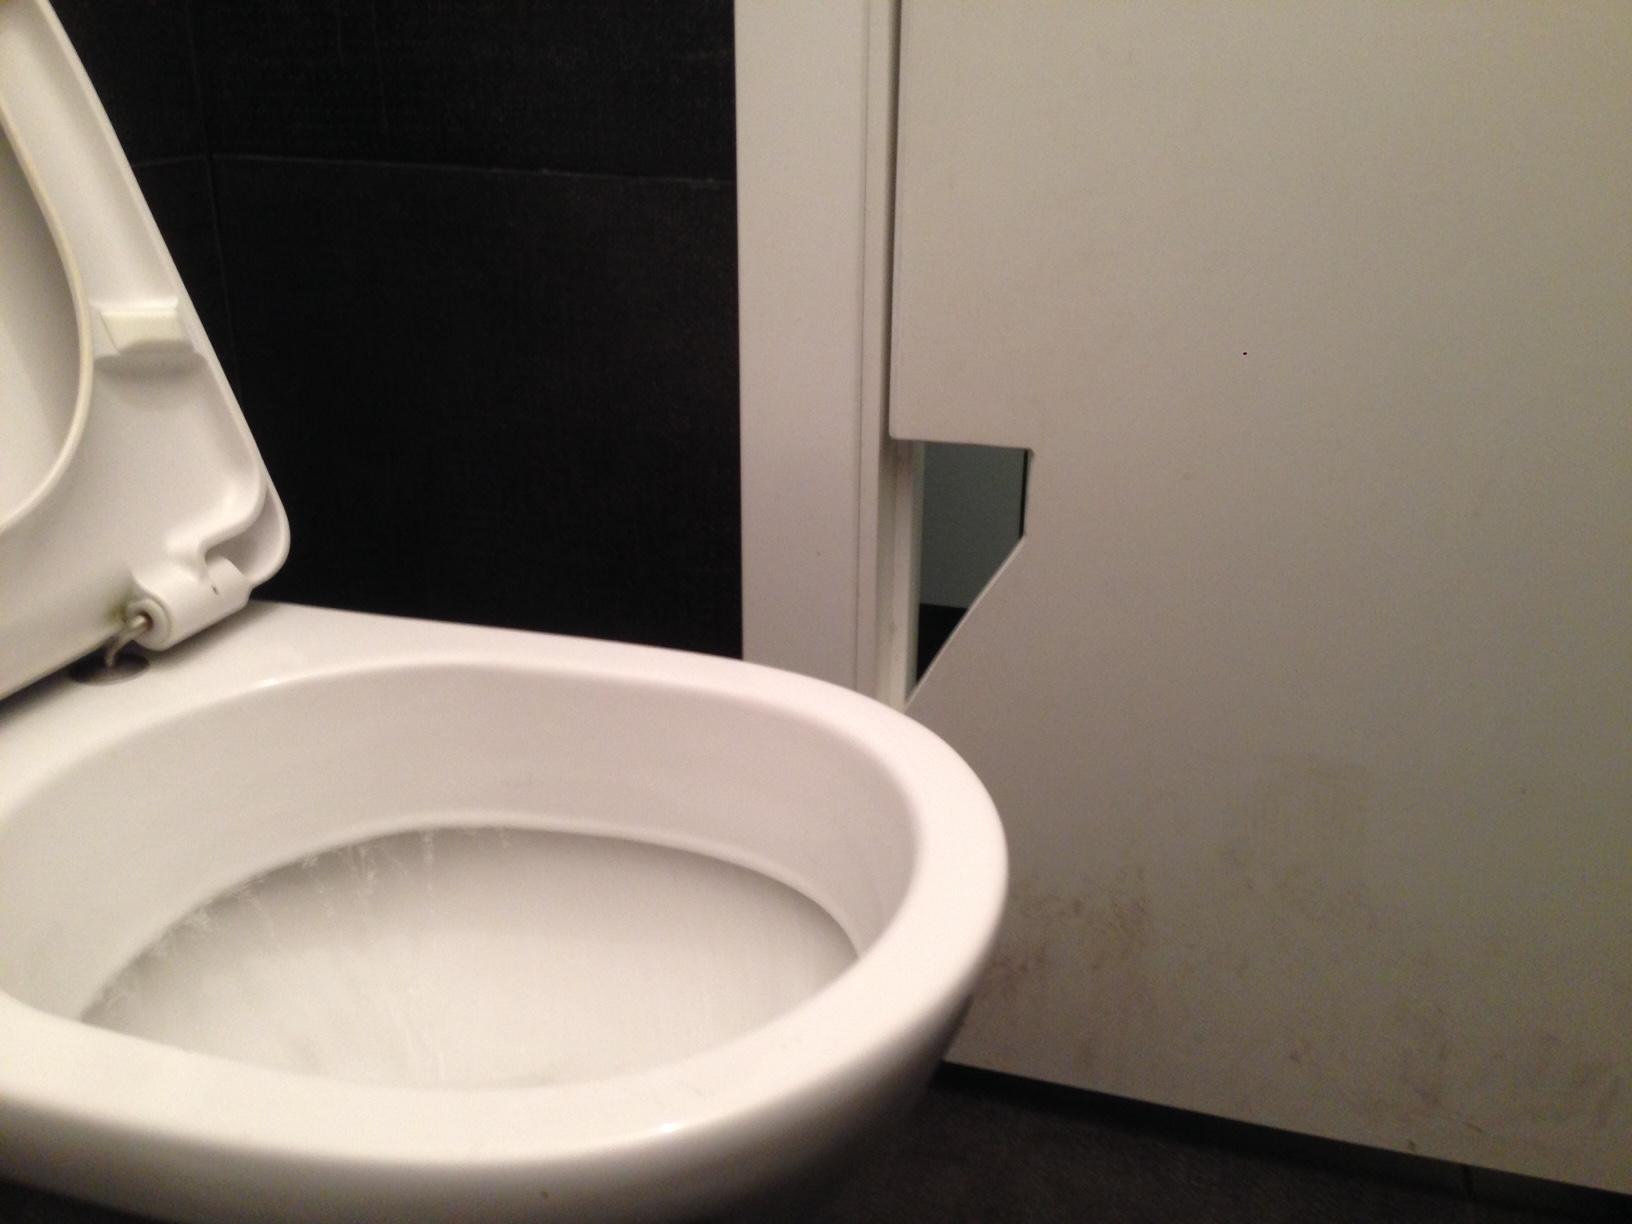 Idee per il bagno di un bar troppo stretto aprire un bar - Mi bagno troppo ...